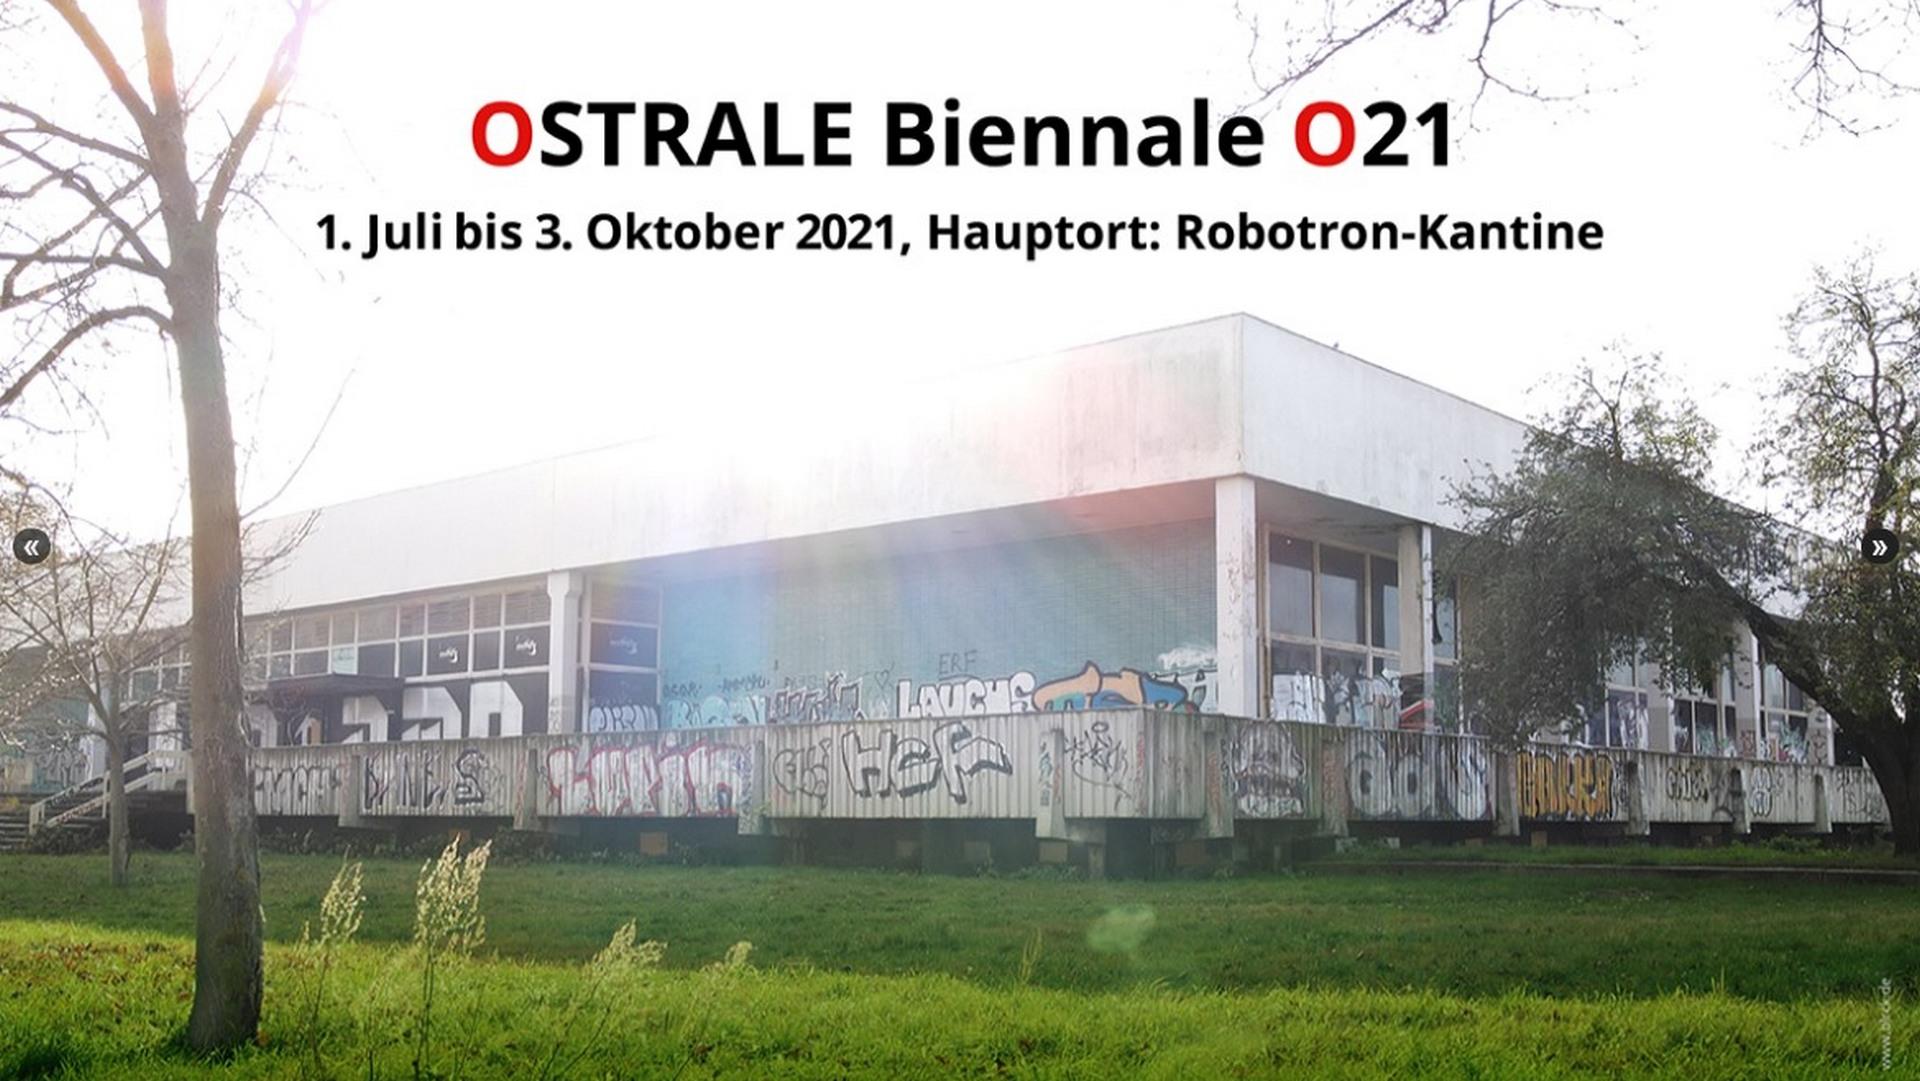 Svi hrvatski umjetnici na trećoj najvećoj međunarodnoj izložbi u Njemačkoj   OSTRALE Biennale